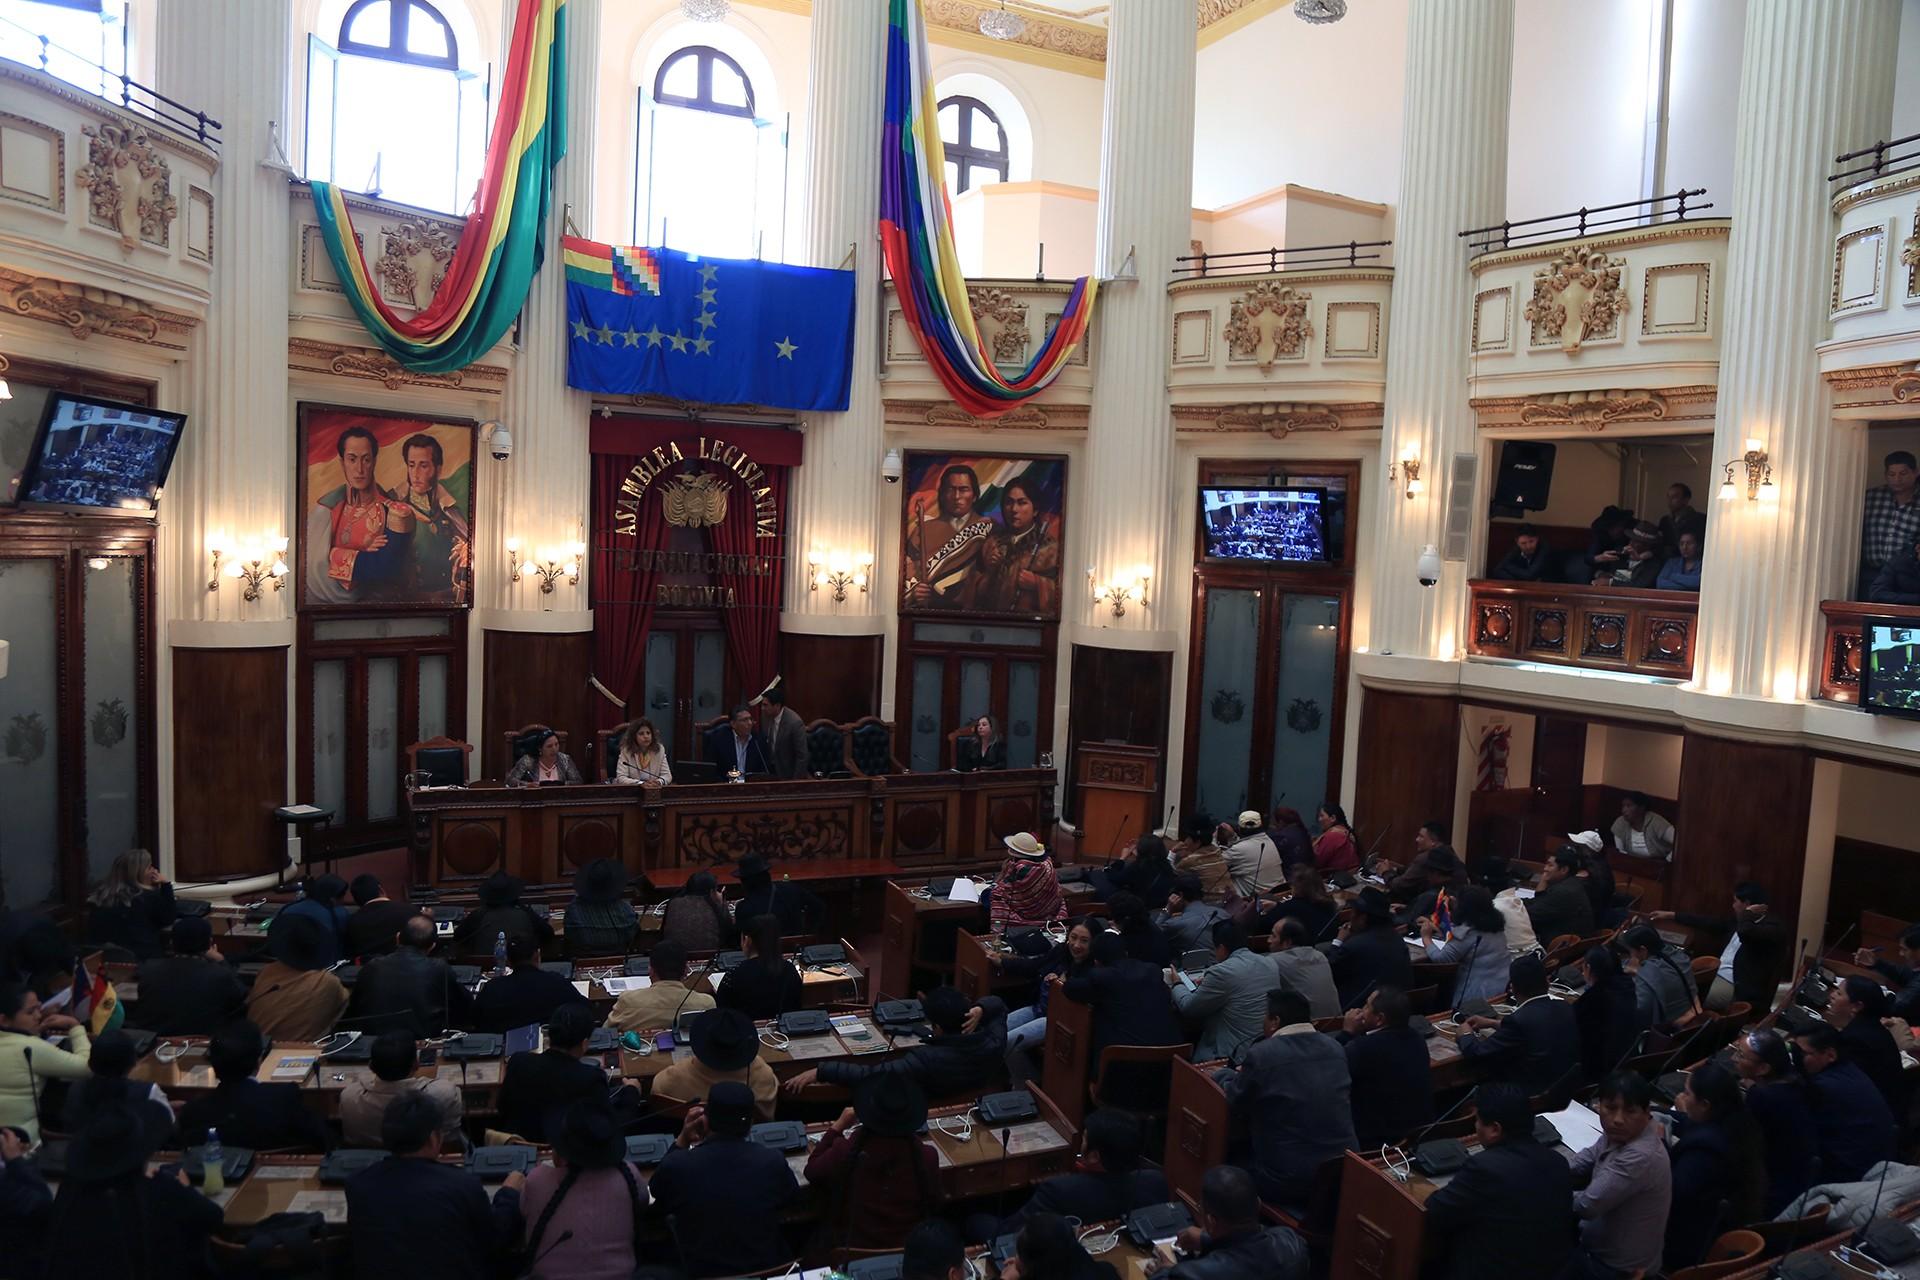 Bolivya'da Çokuluslu Yasama Meclisinin alt kanadı Milletvekilleri Meclisi